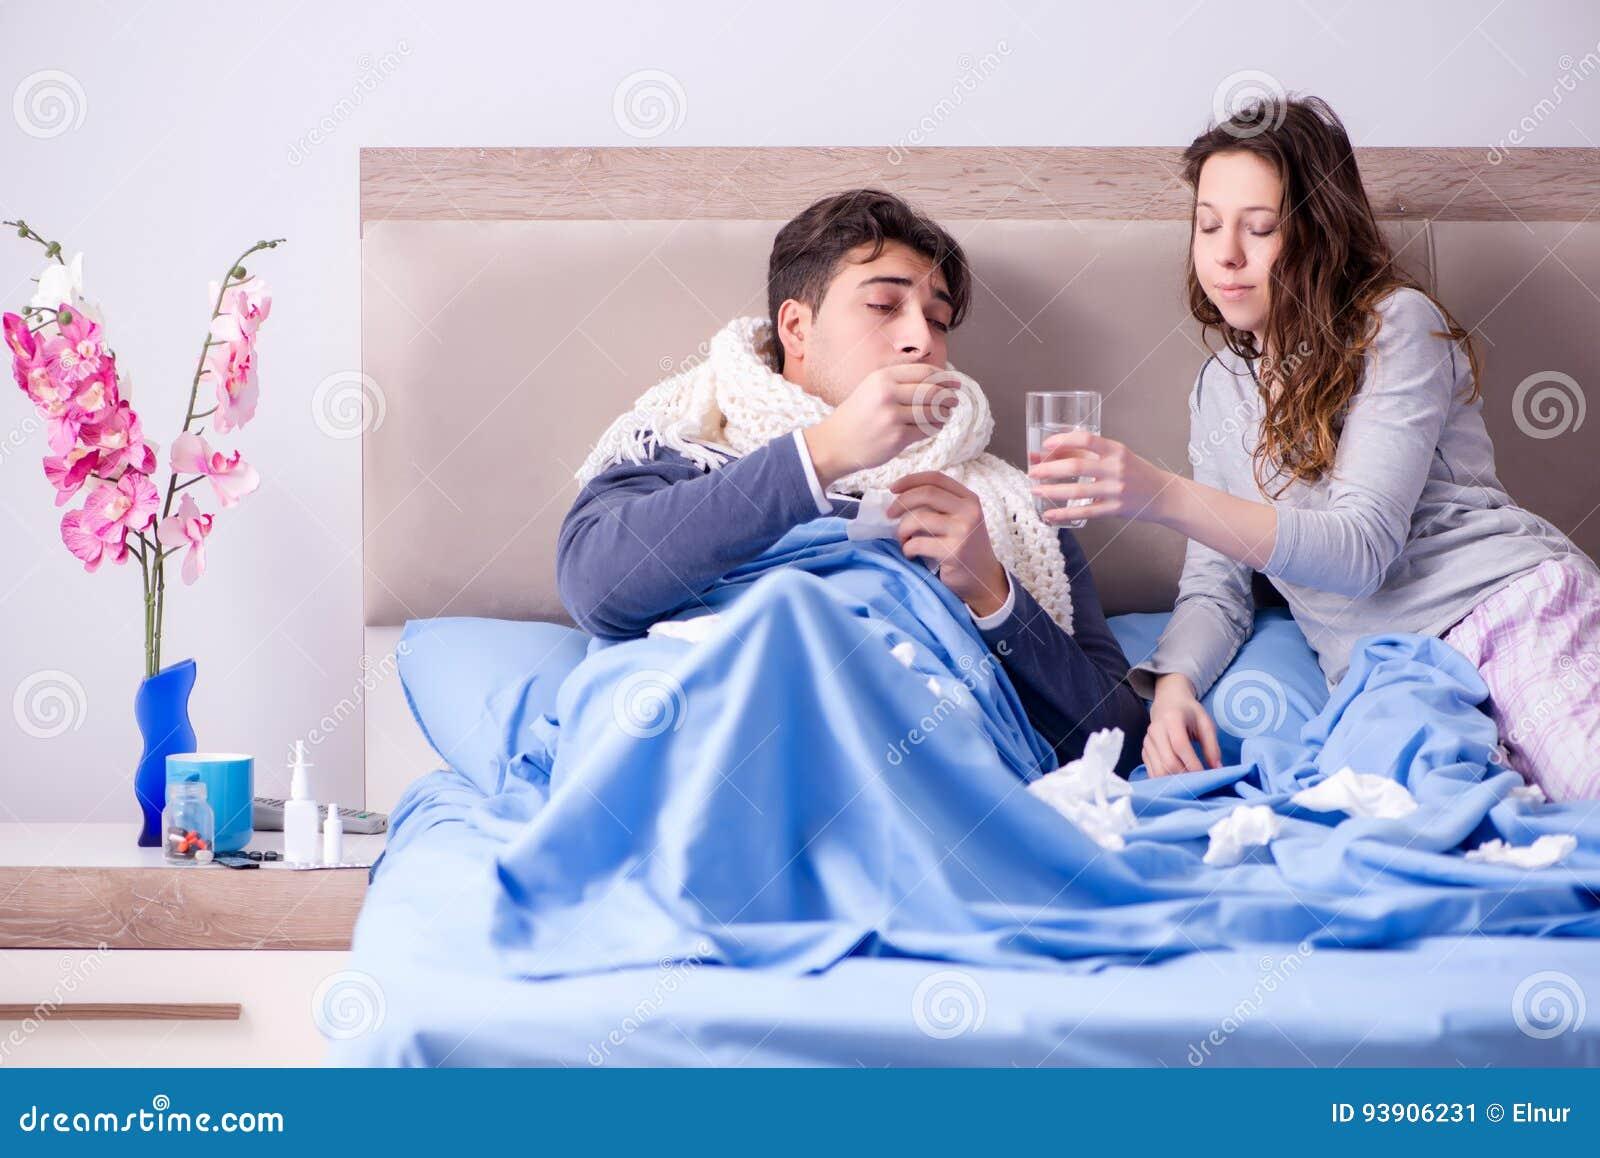 La moglie che si occupa del marito malato a casa a letto - Letto che si chiude ...